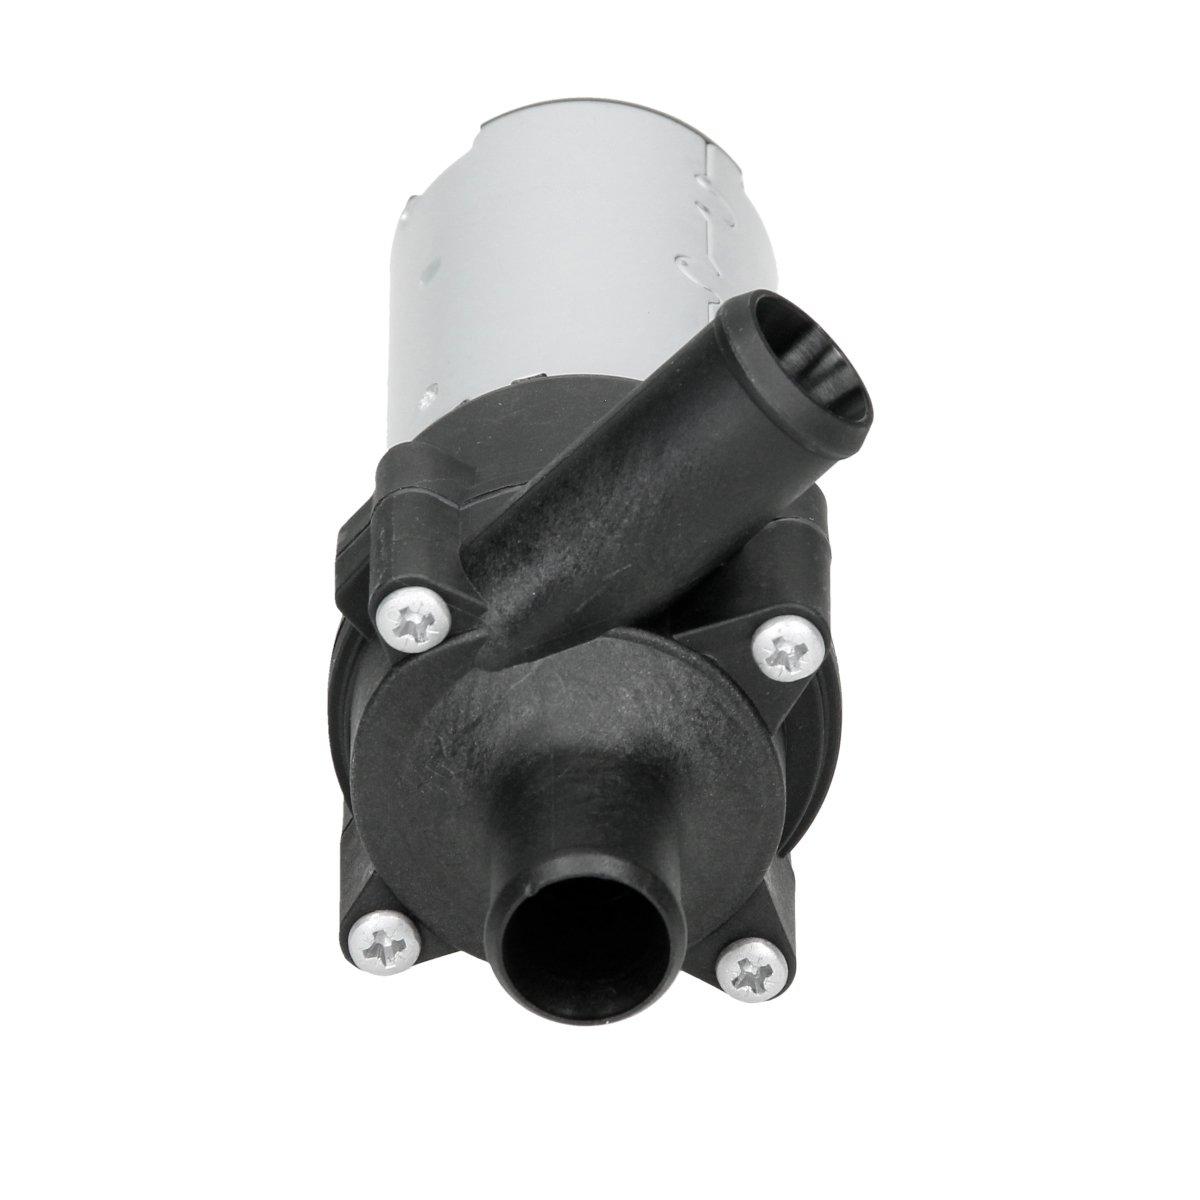 ZWP001 Bomba de agua eléctrica para coche - auto 12V: Amazon.es: Coche y moto